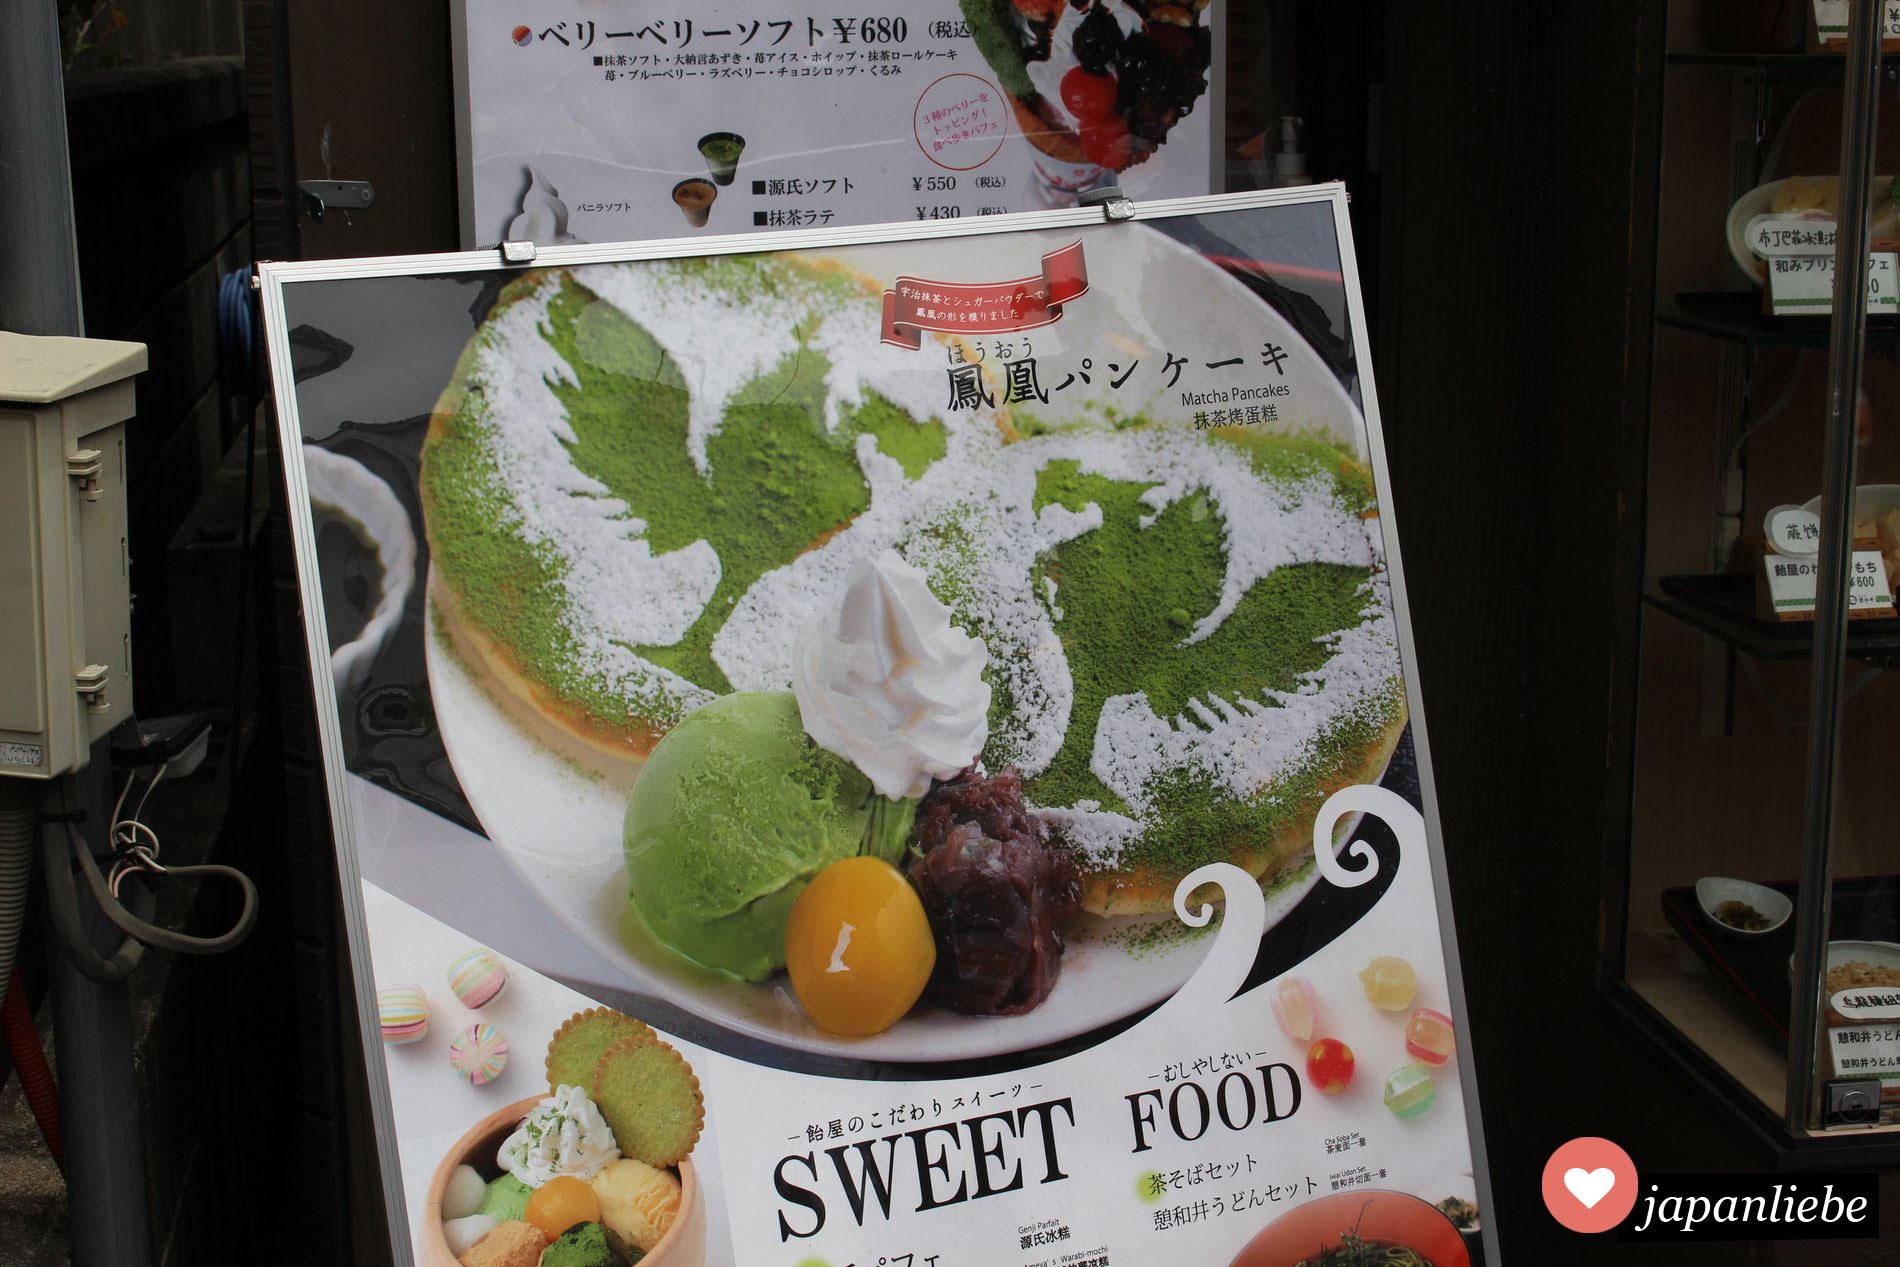 Ein Schild bewirbt in Uji Nahe Kyoto Phönix-Grüntee-Pancakes.